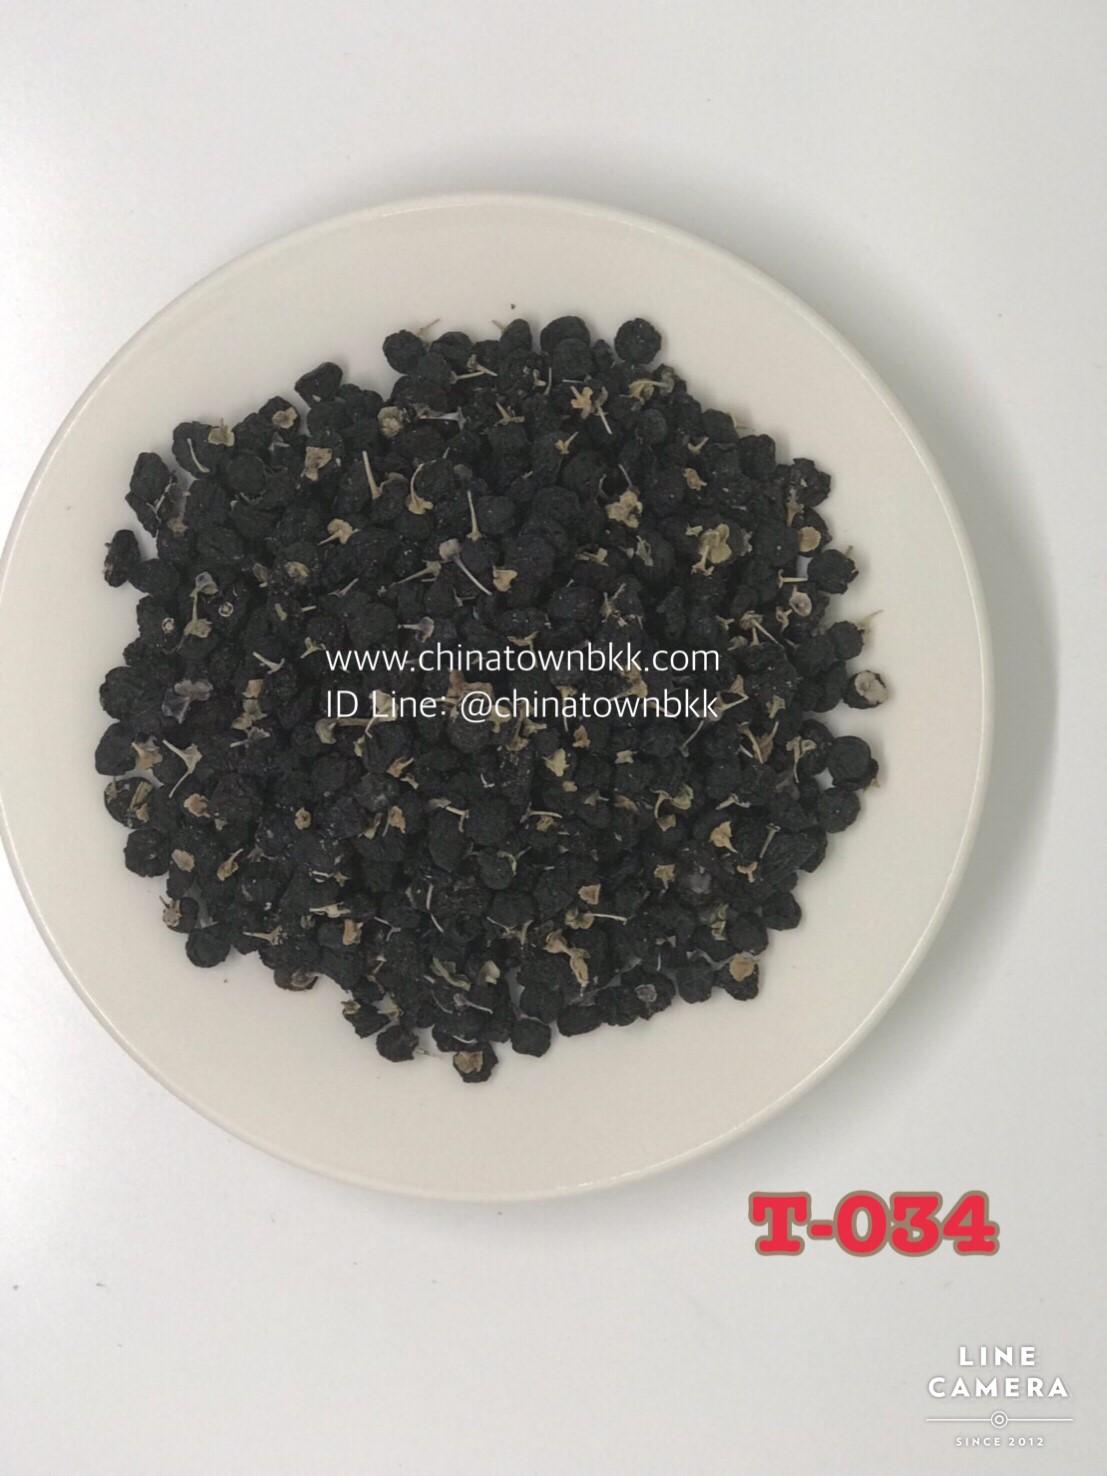 โกจิเบอร์รี่ดำ Black Goji Berry (เก๋ากี้ดำ)